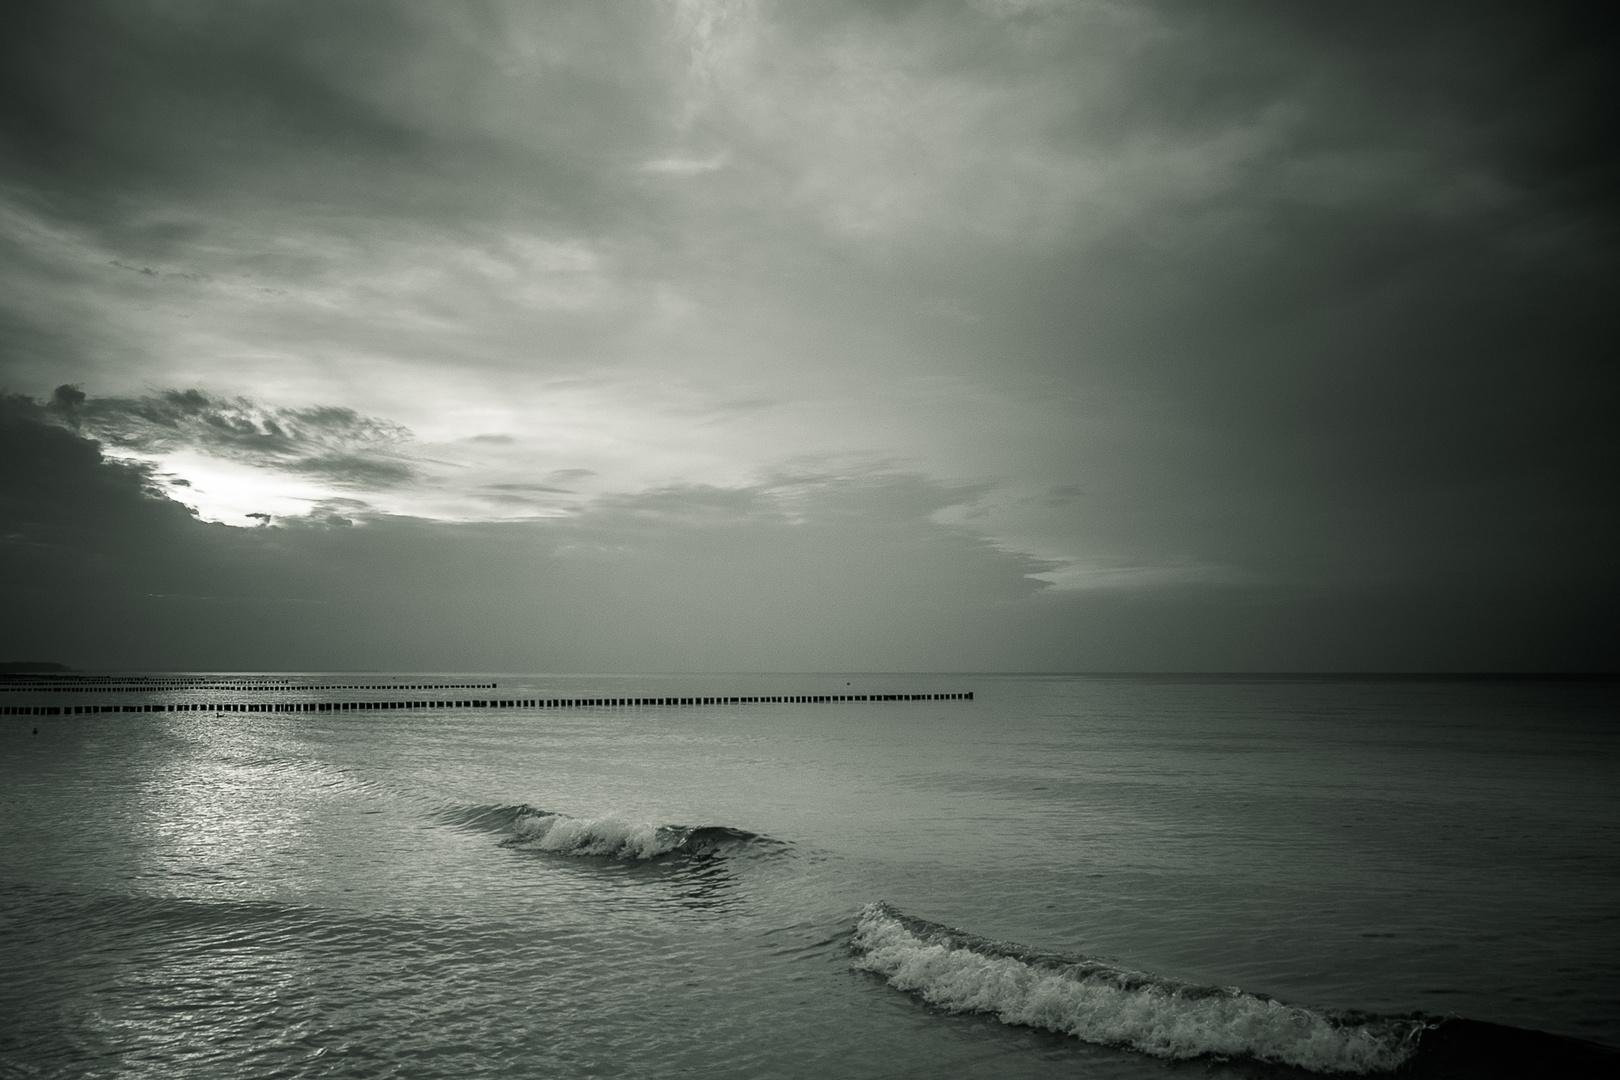 Sonnenuntergang an der Ostsee II in S/W